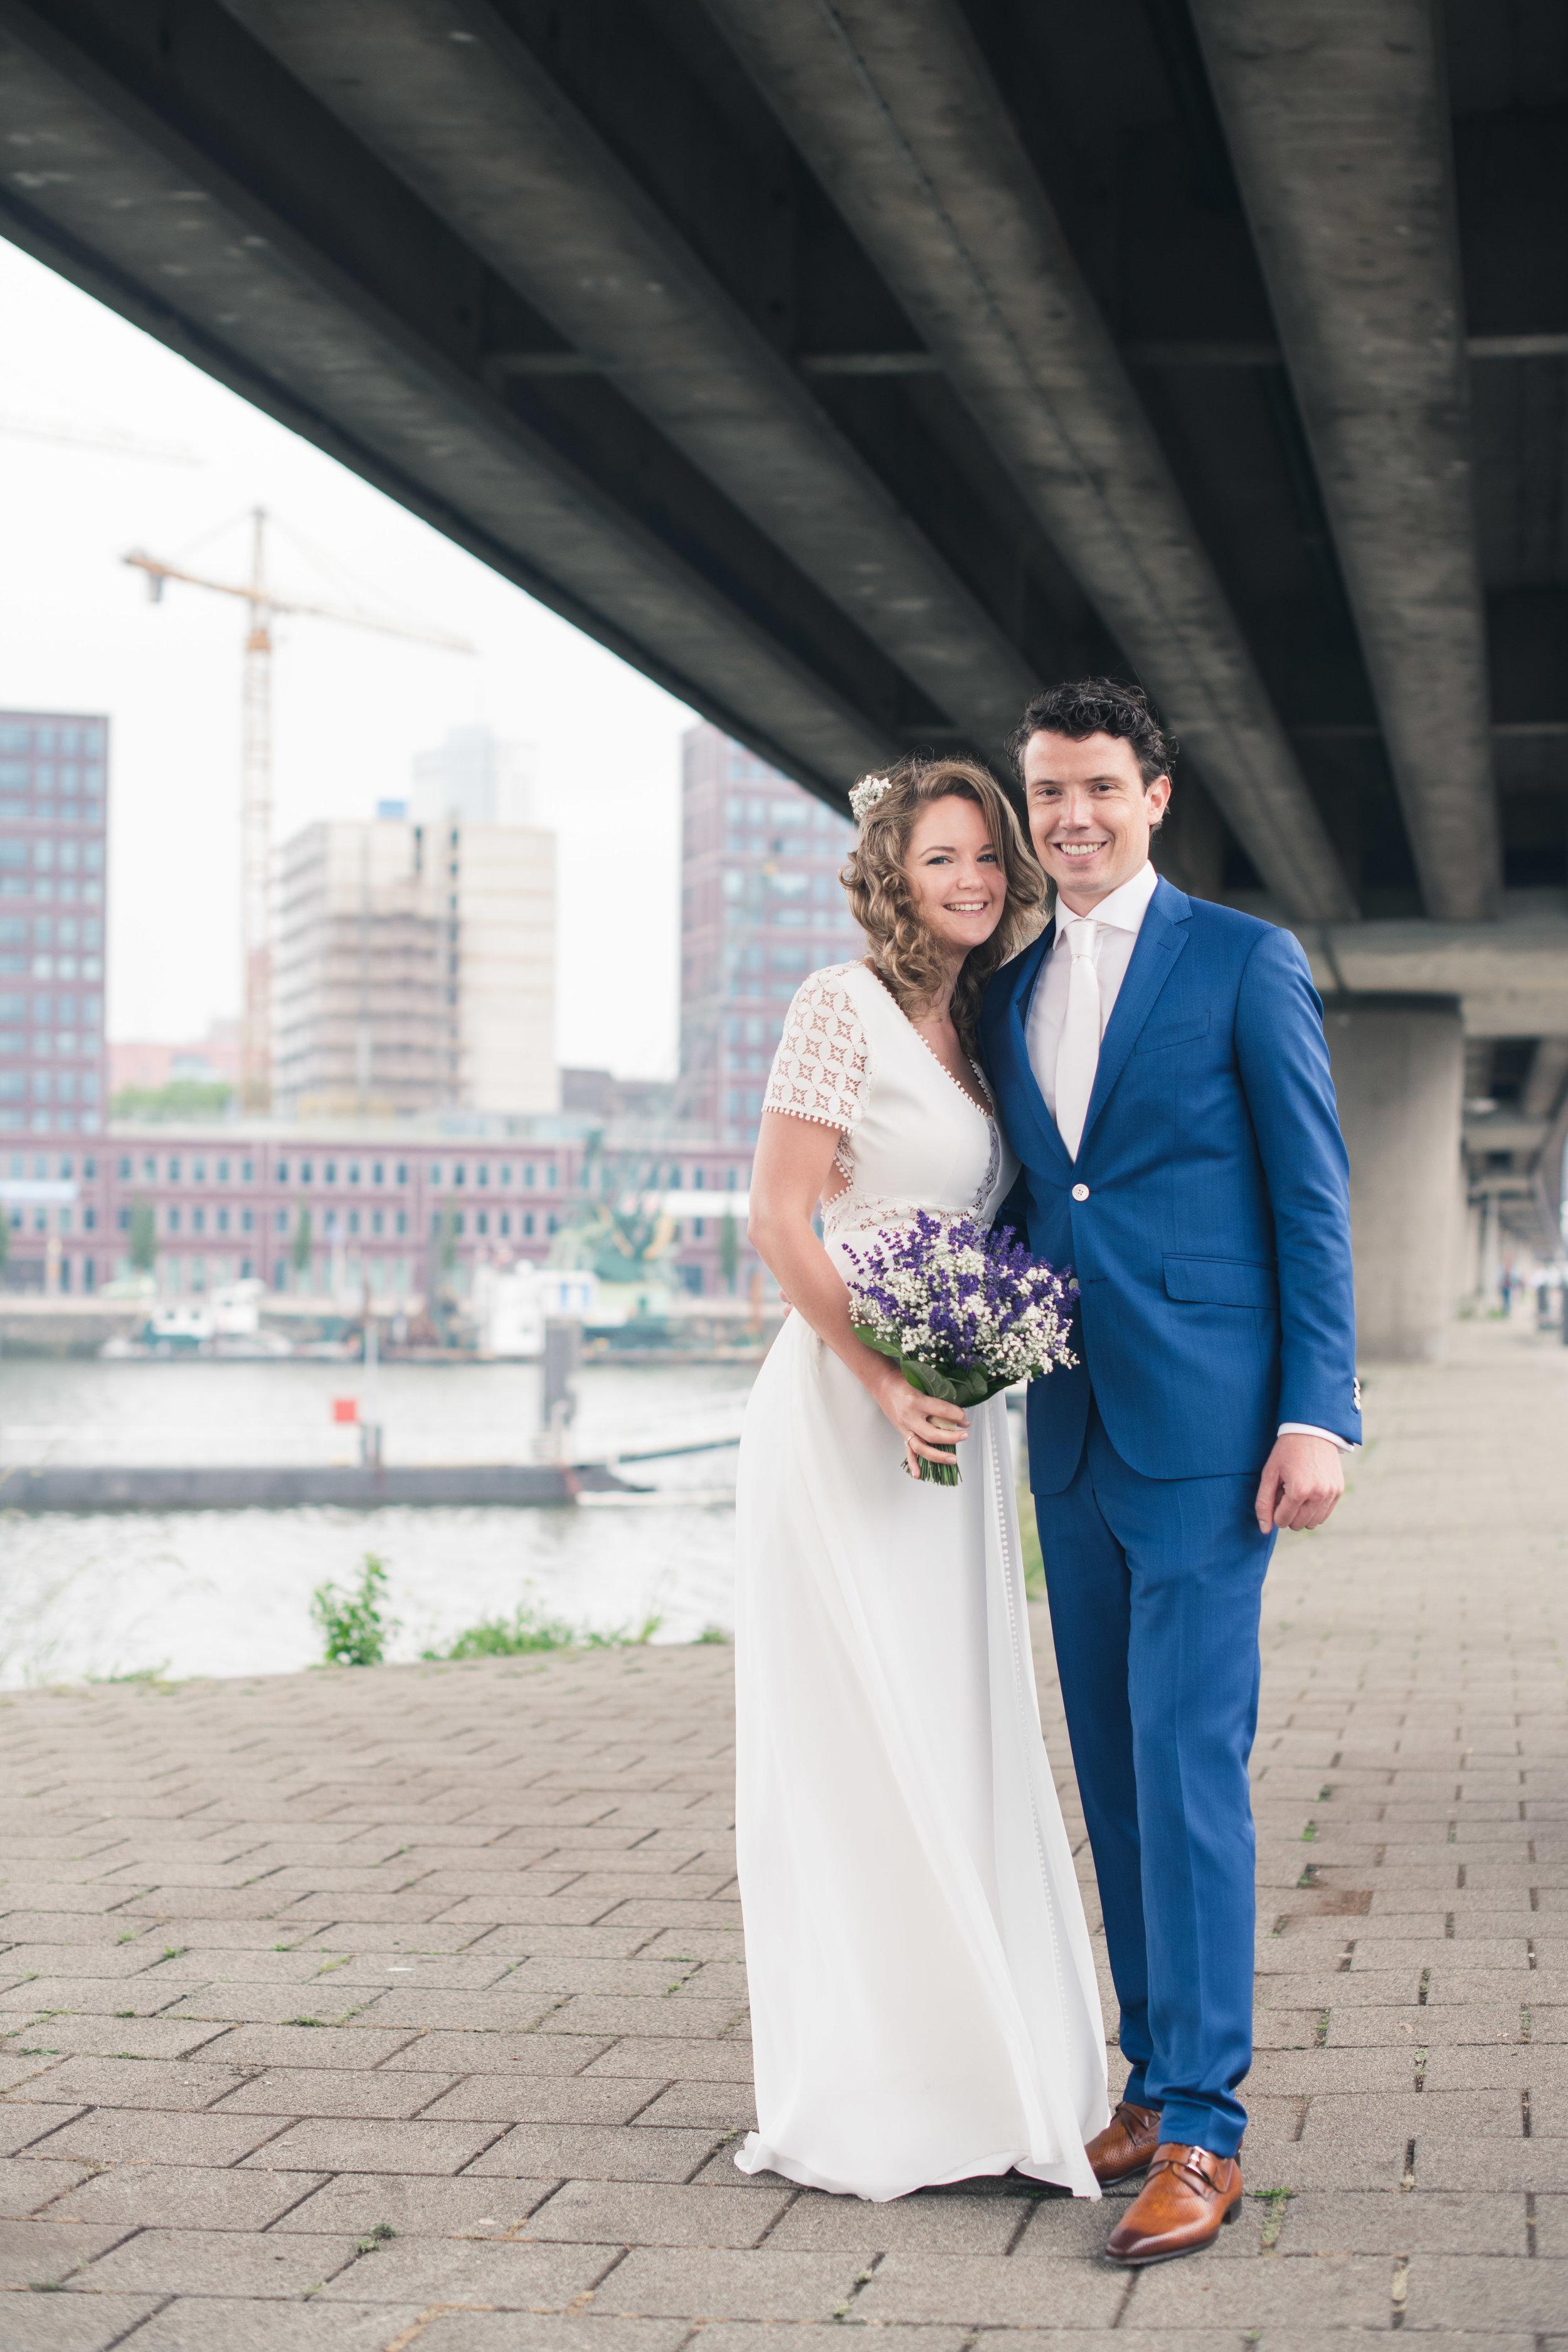 Een portret van de bruid en bruidegom gemaakt in Rotterdam tijdens een bruidsreportage.